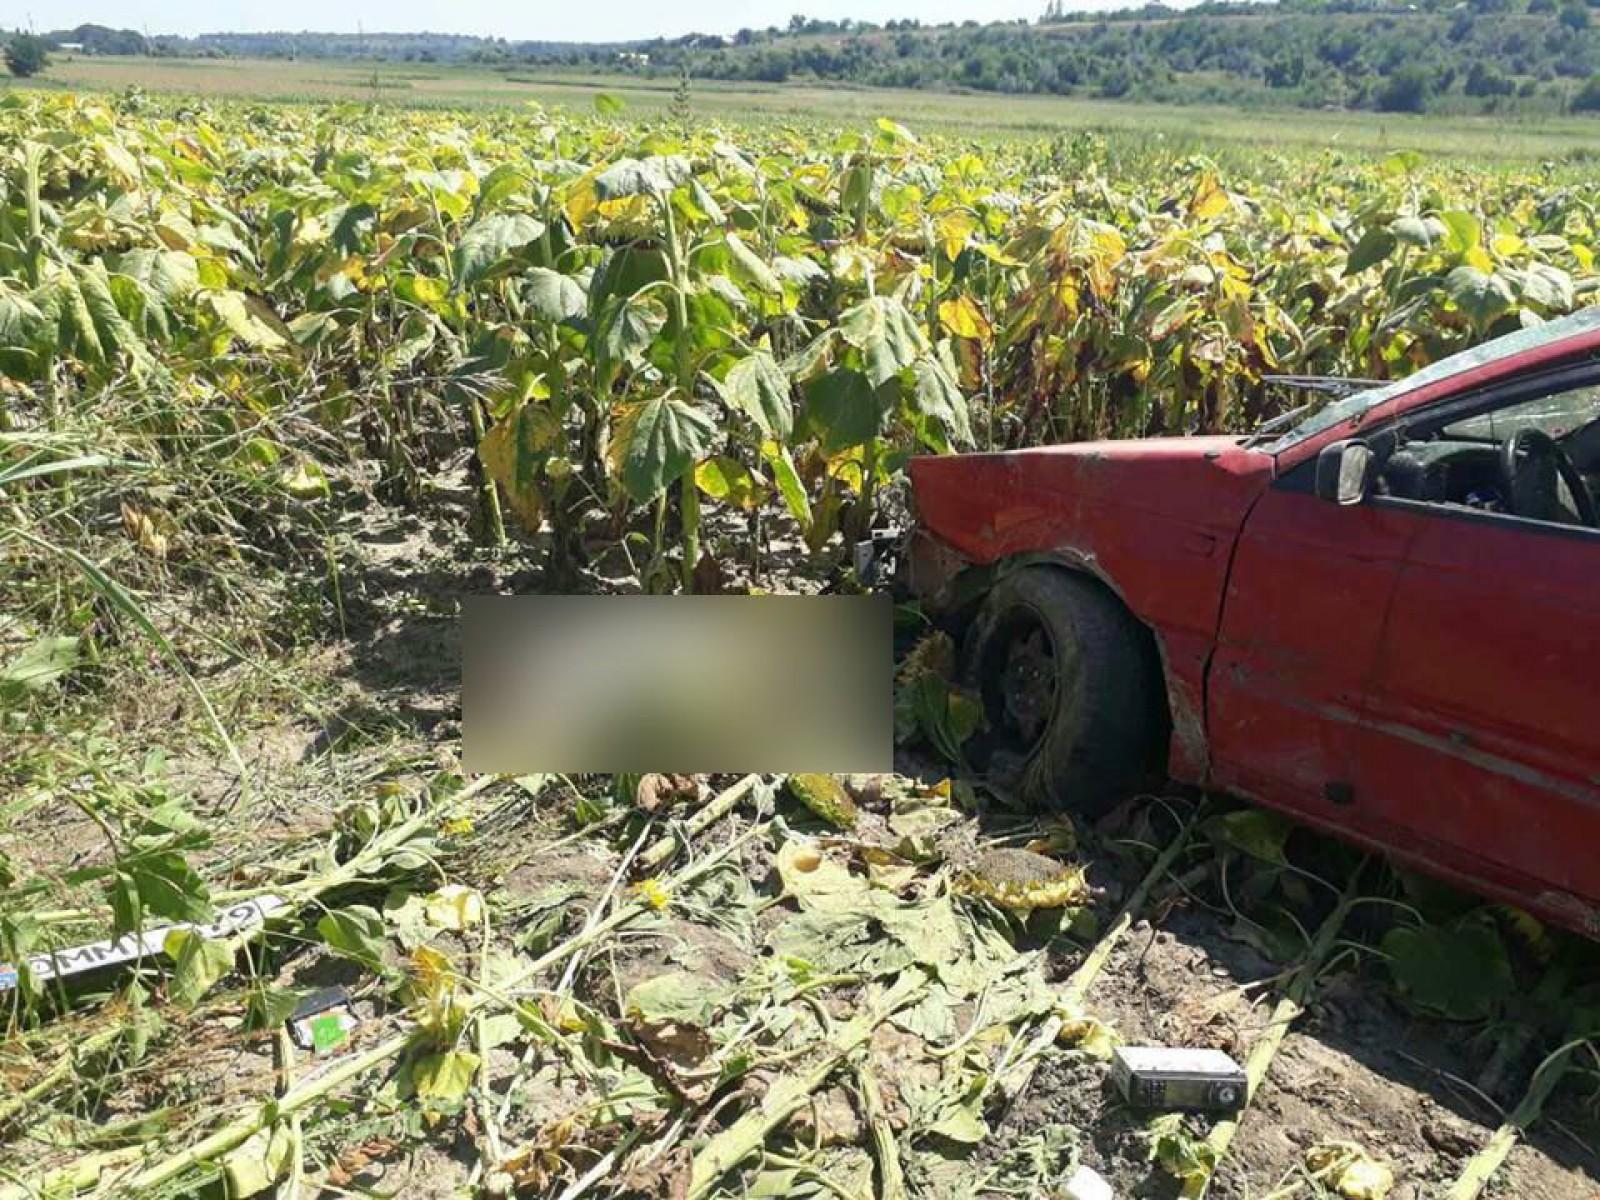 (foto) Accident grav în satul Merenii Noi: O mașină a derapat de pe traseu și a ajuns în câmp. Șoferul a decedat pe loc